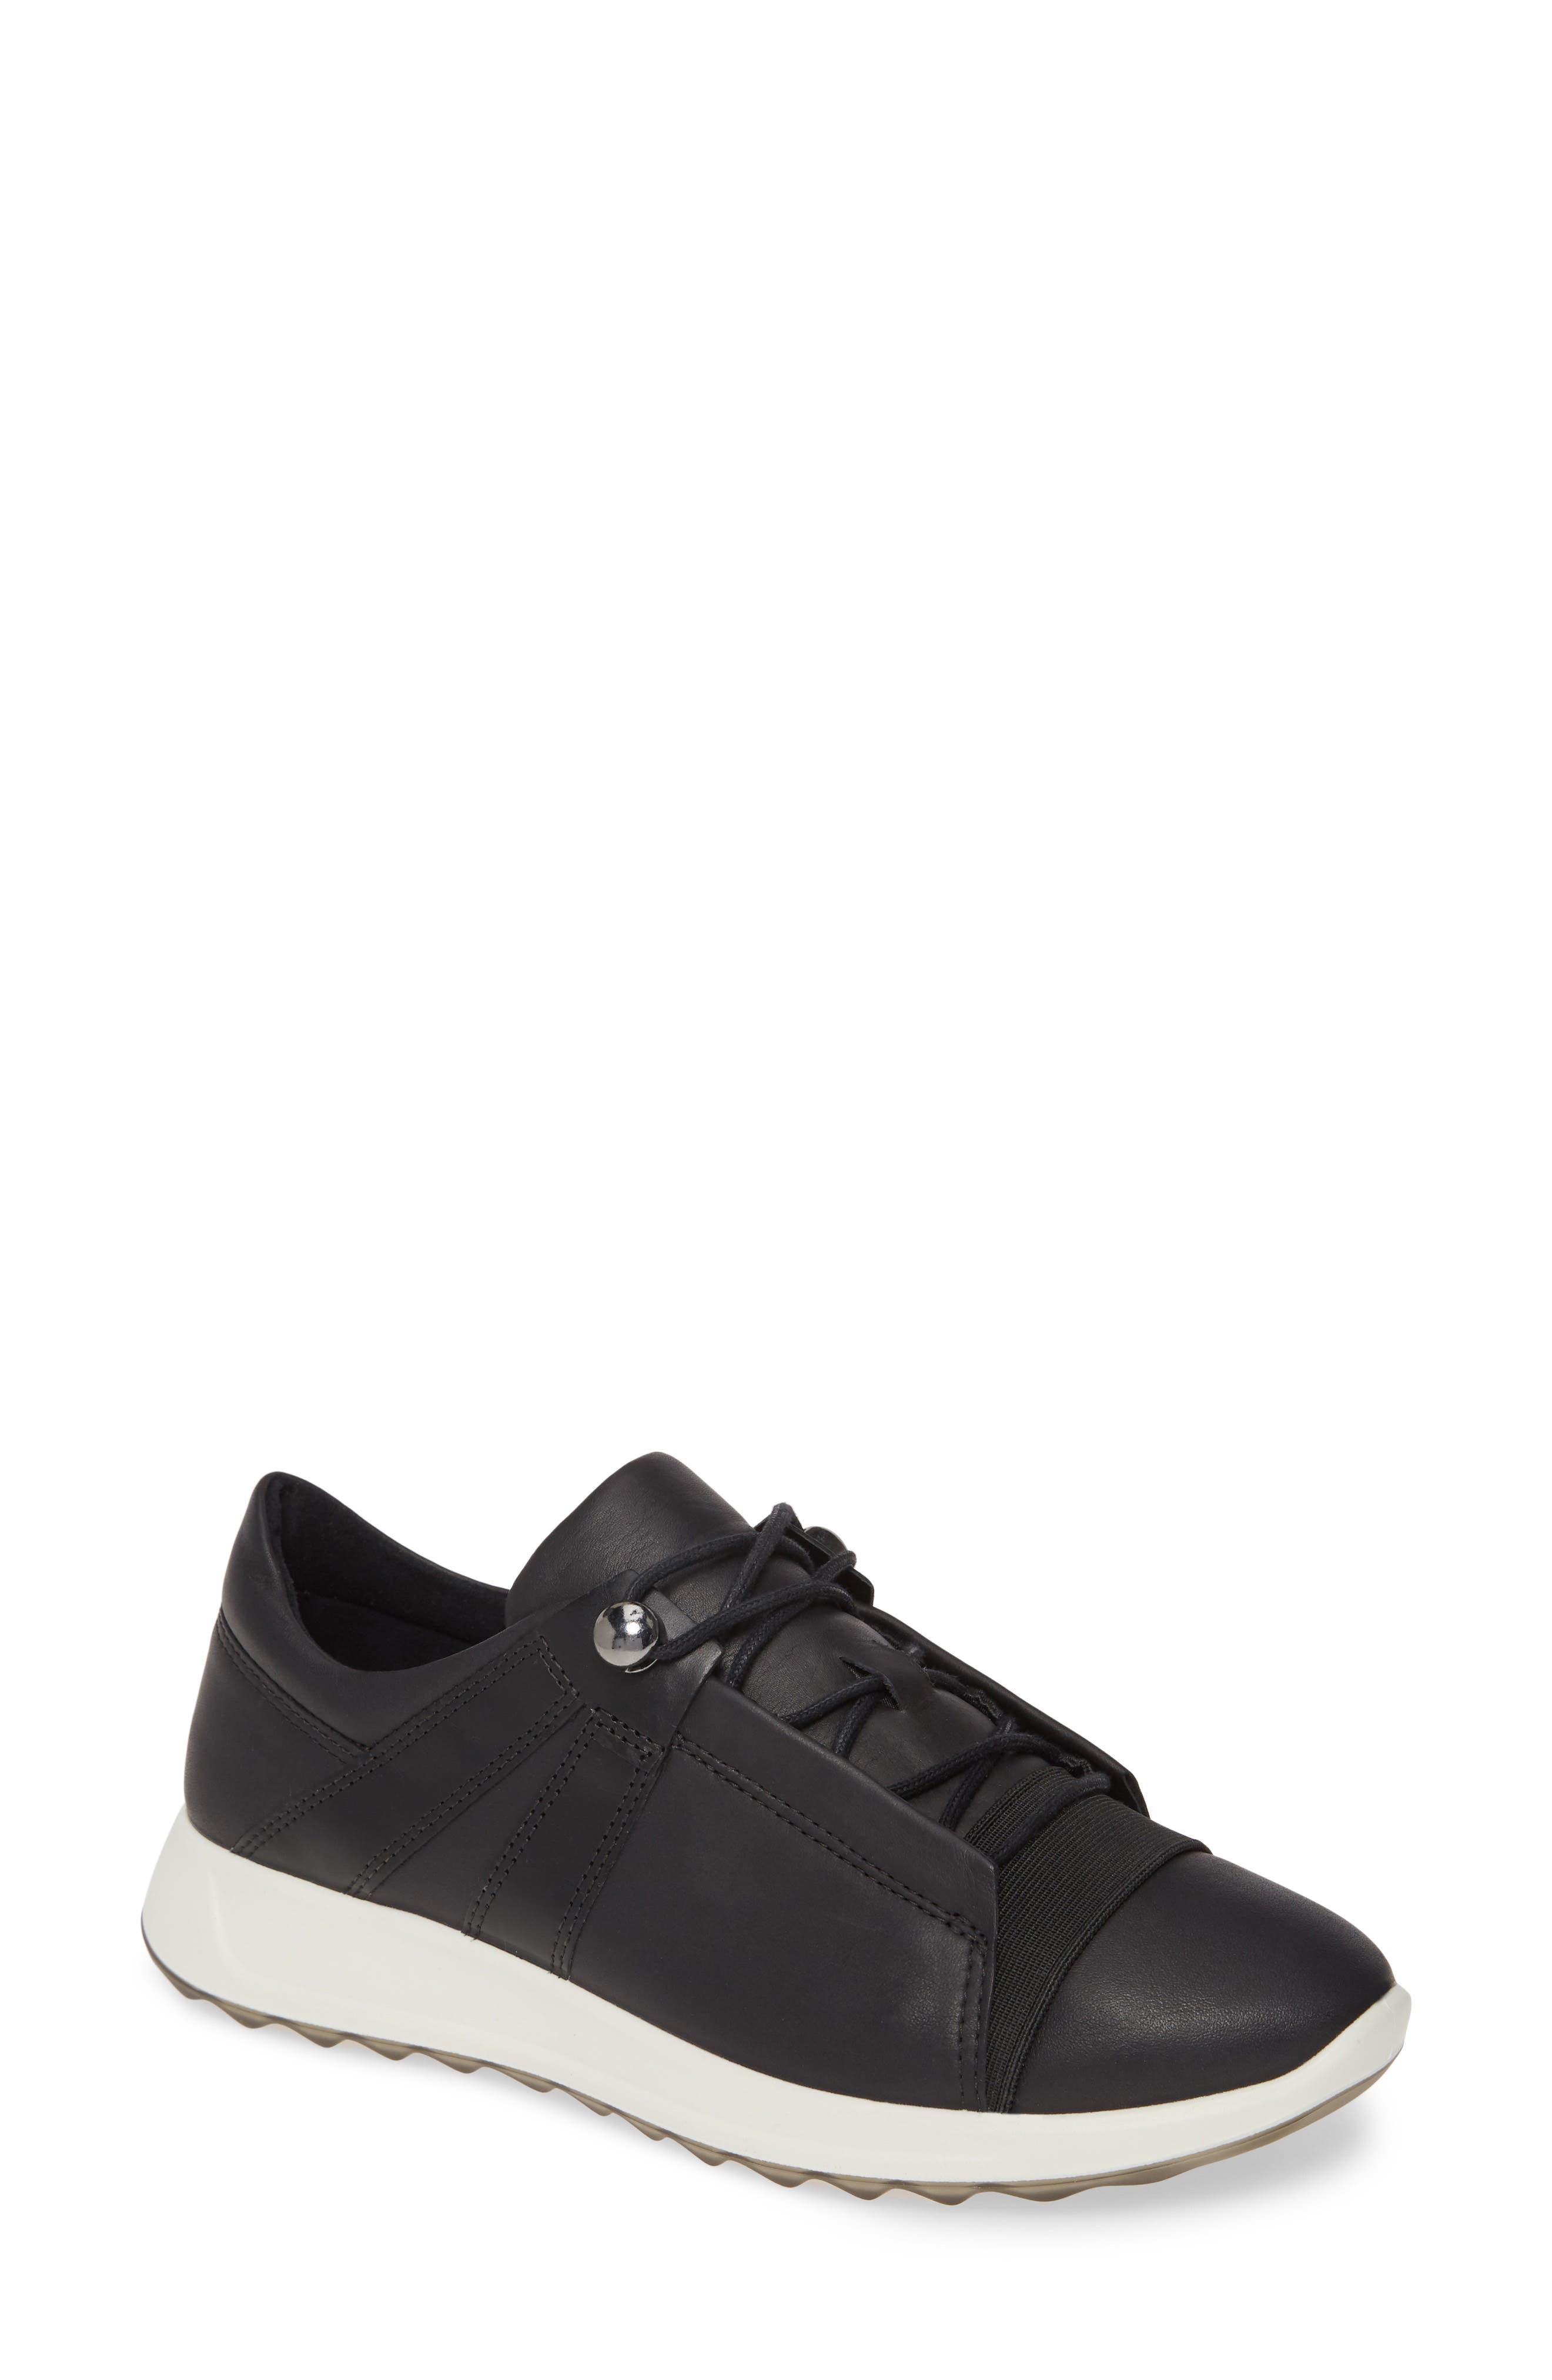 Ecco Flexure Runner Ii Sneaker, Black